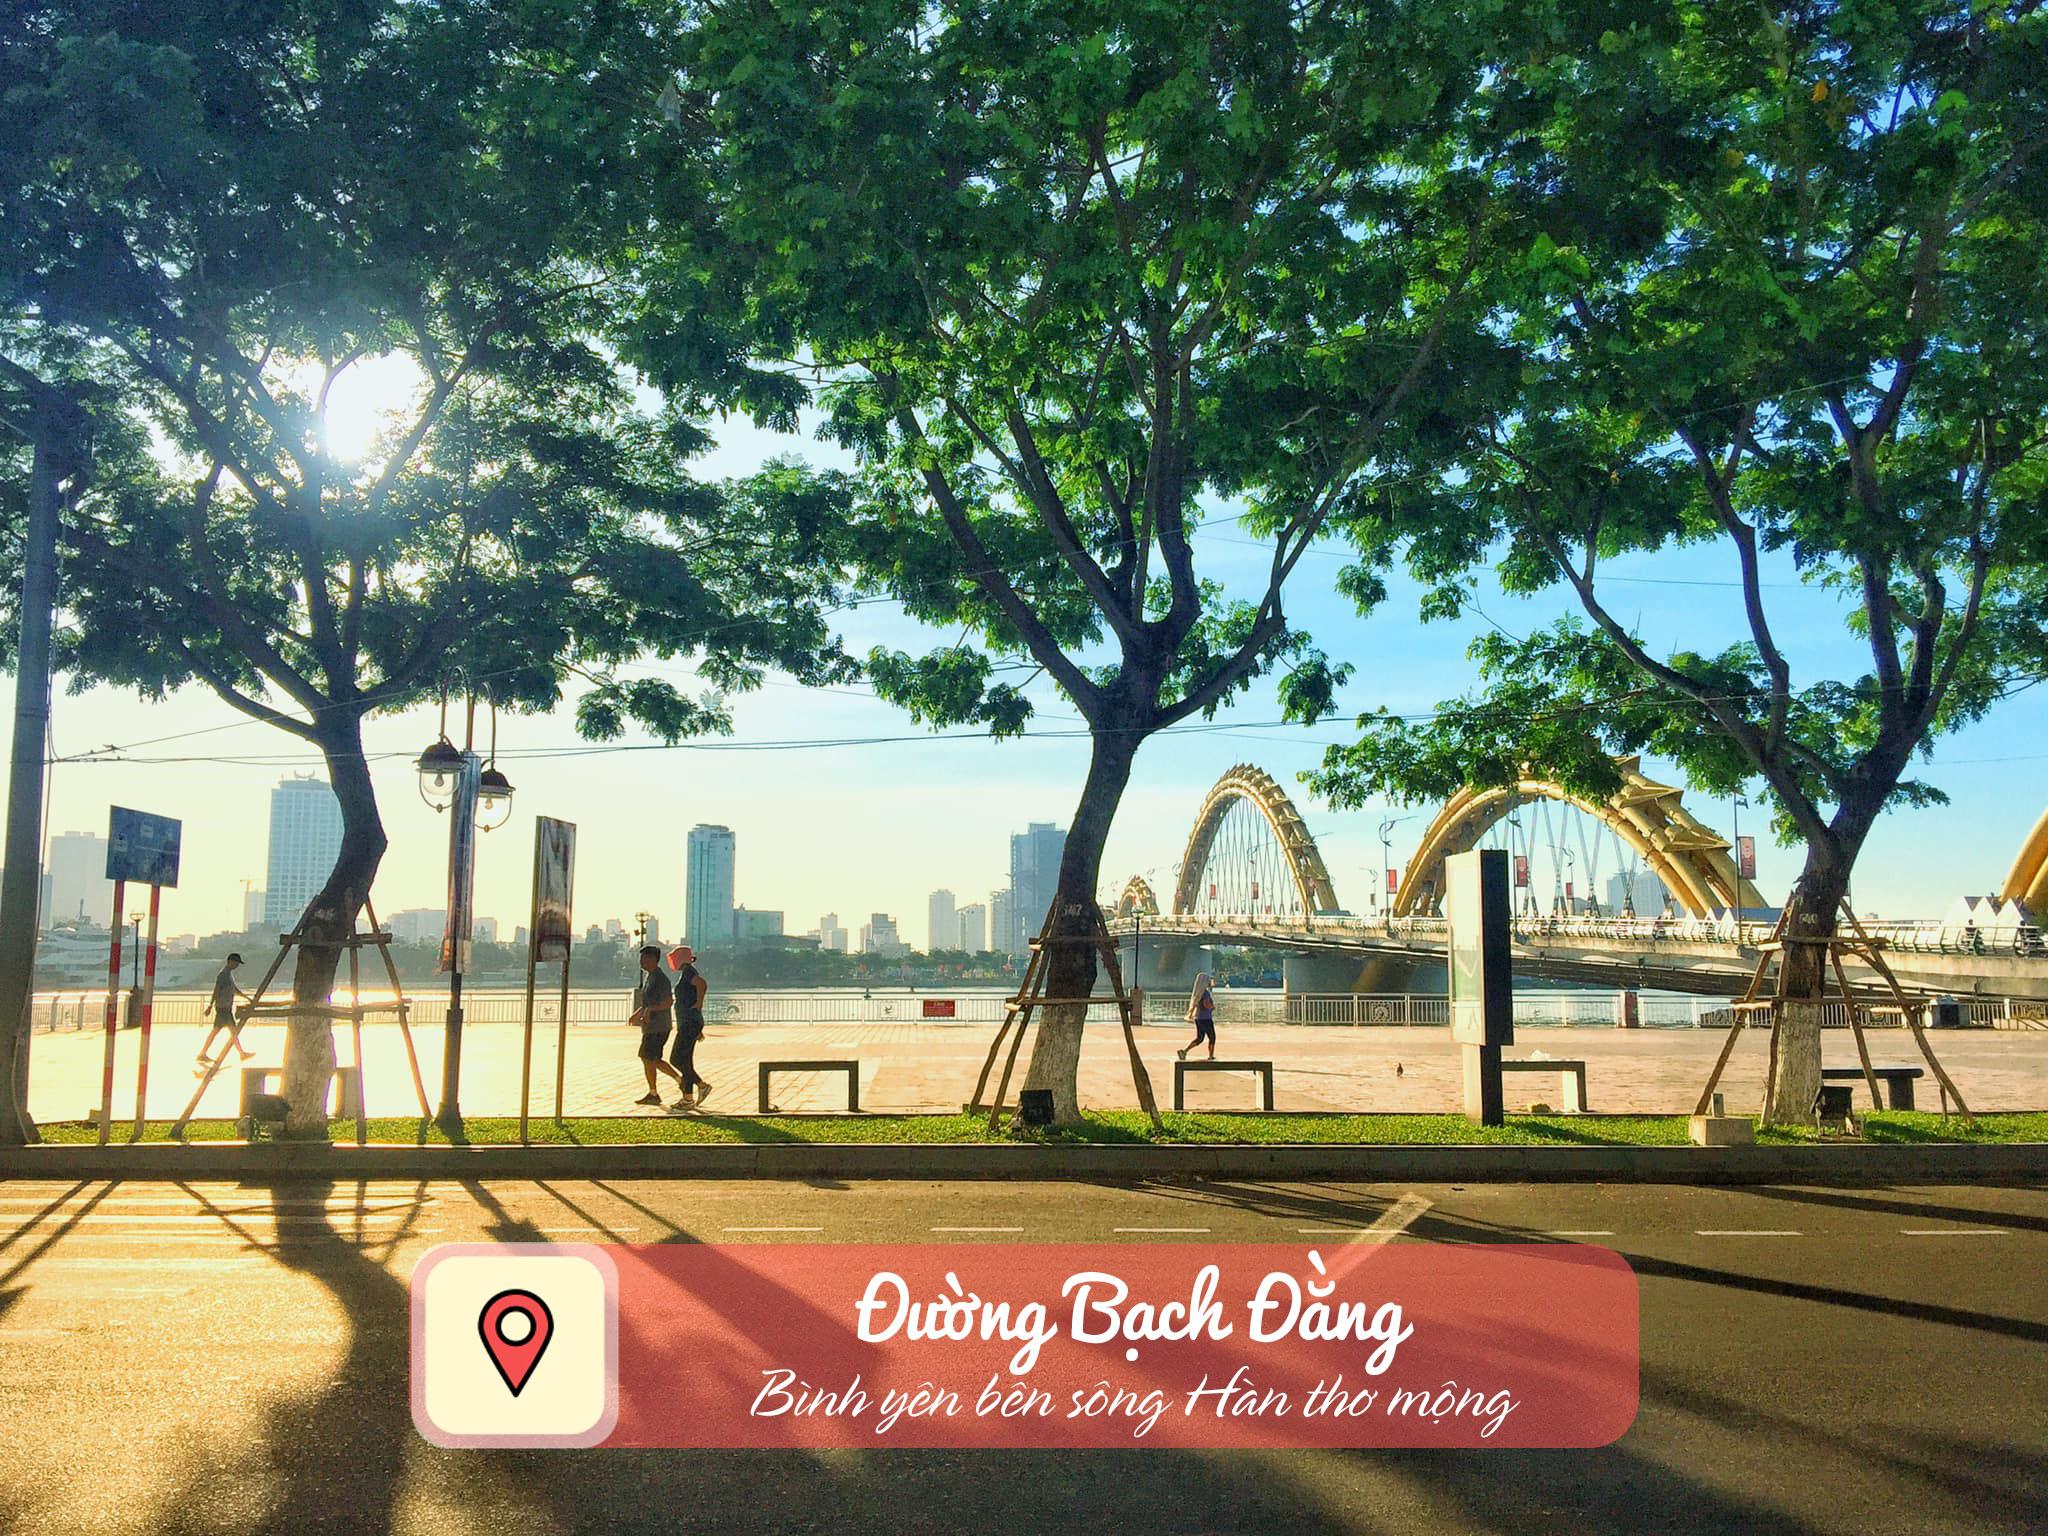 Duong Bach Dang Top 5 Con Duong Dep Nhat Da Nang